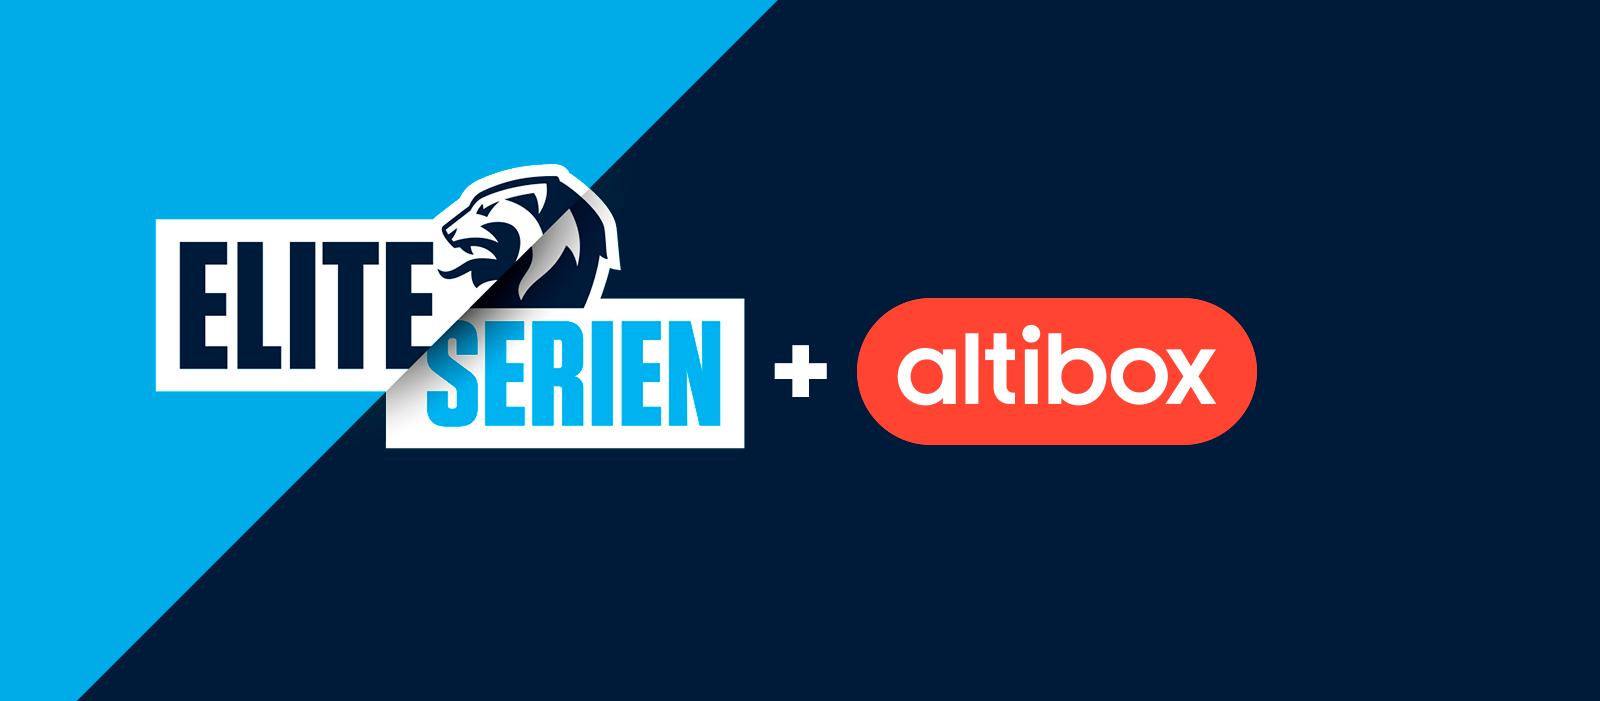 Aktuelt_EliteserienogAltibox